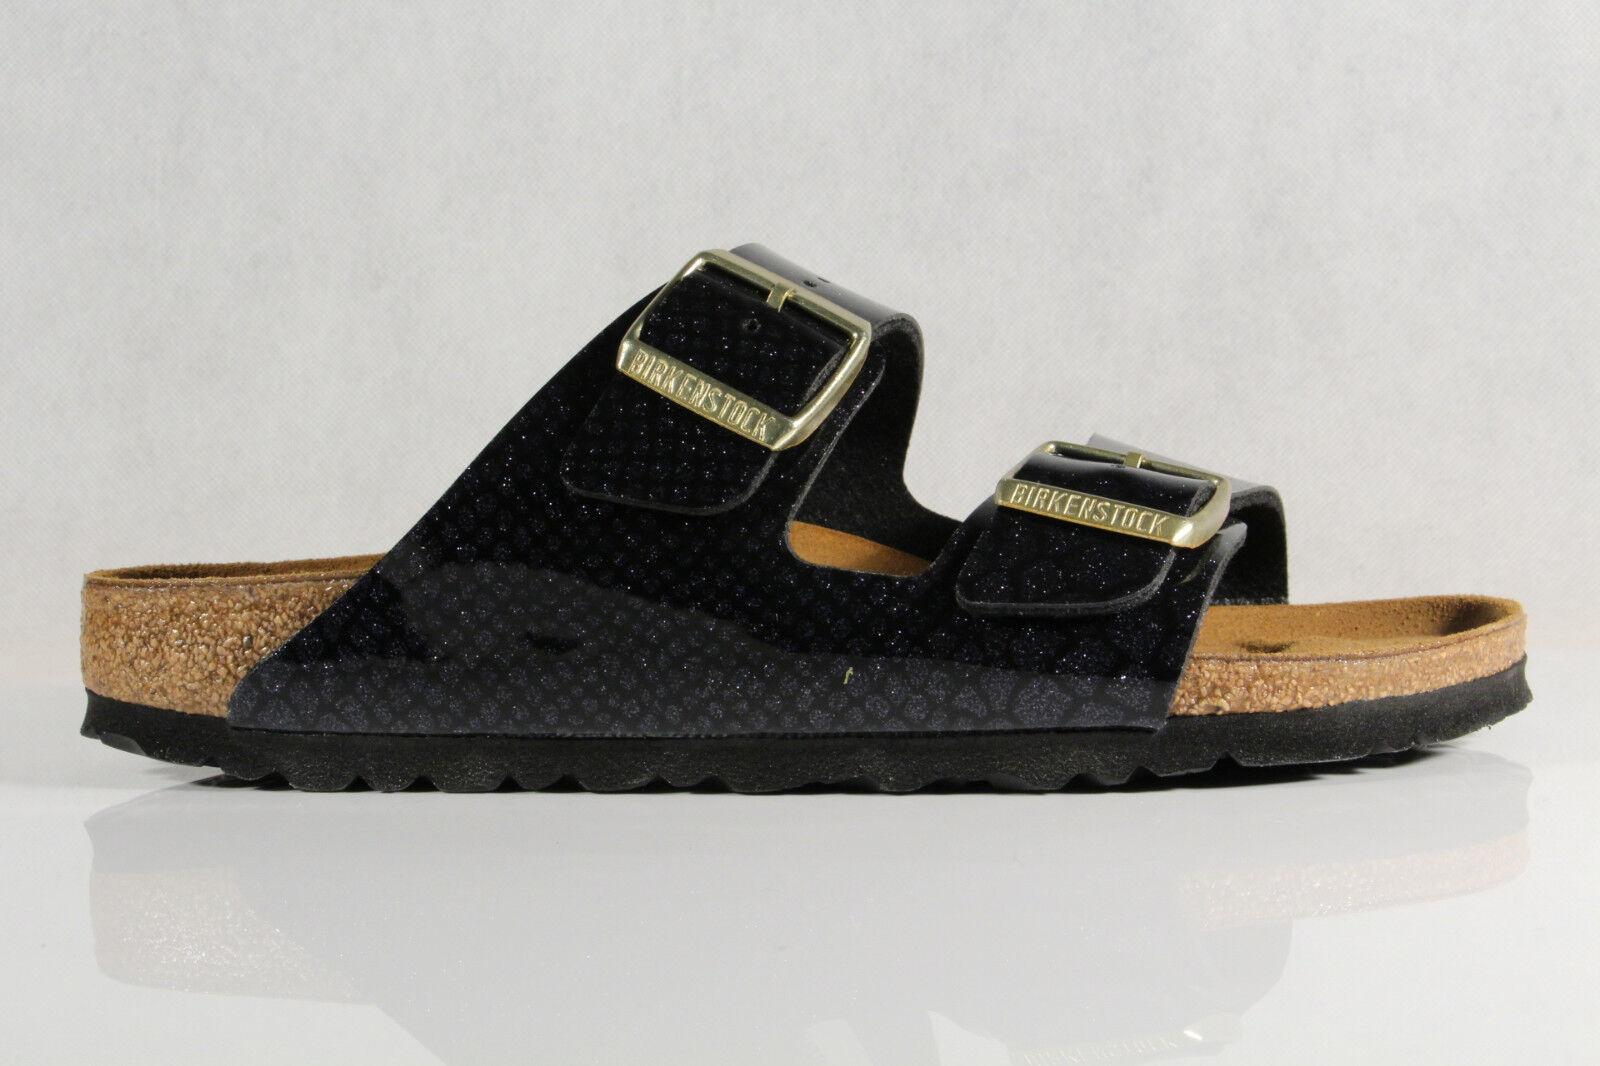 Birkenstock Pantolette Pantoletten Hausschuhe schwarz Pantoffel schwarz Hausschuhe NEU dc2288